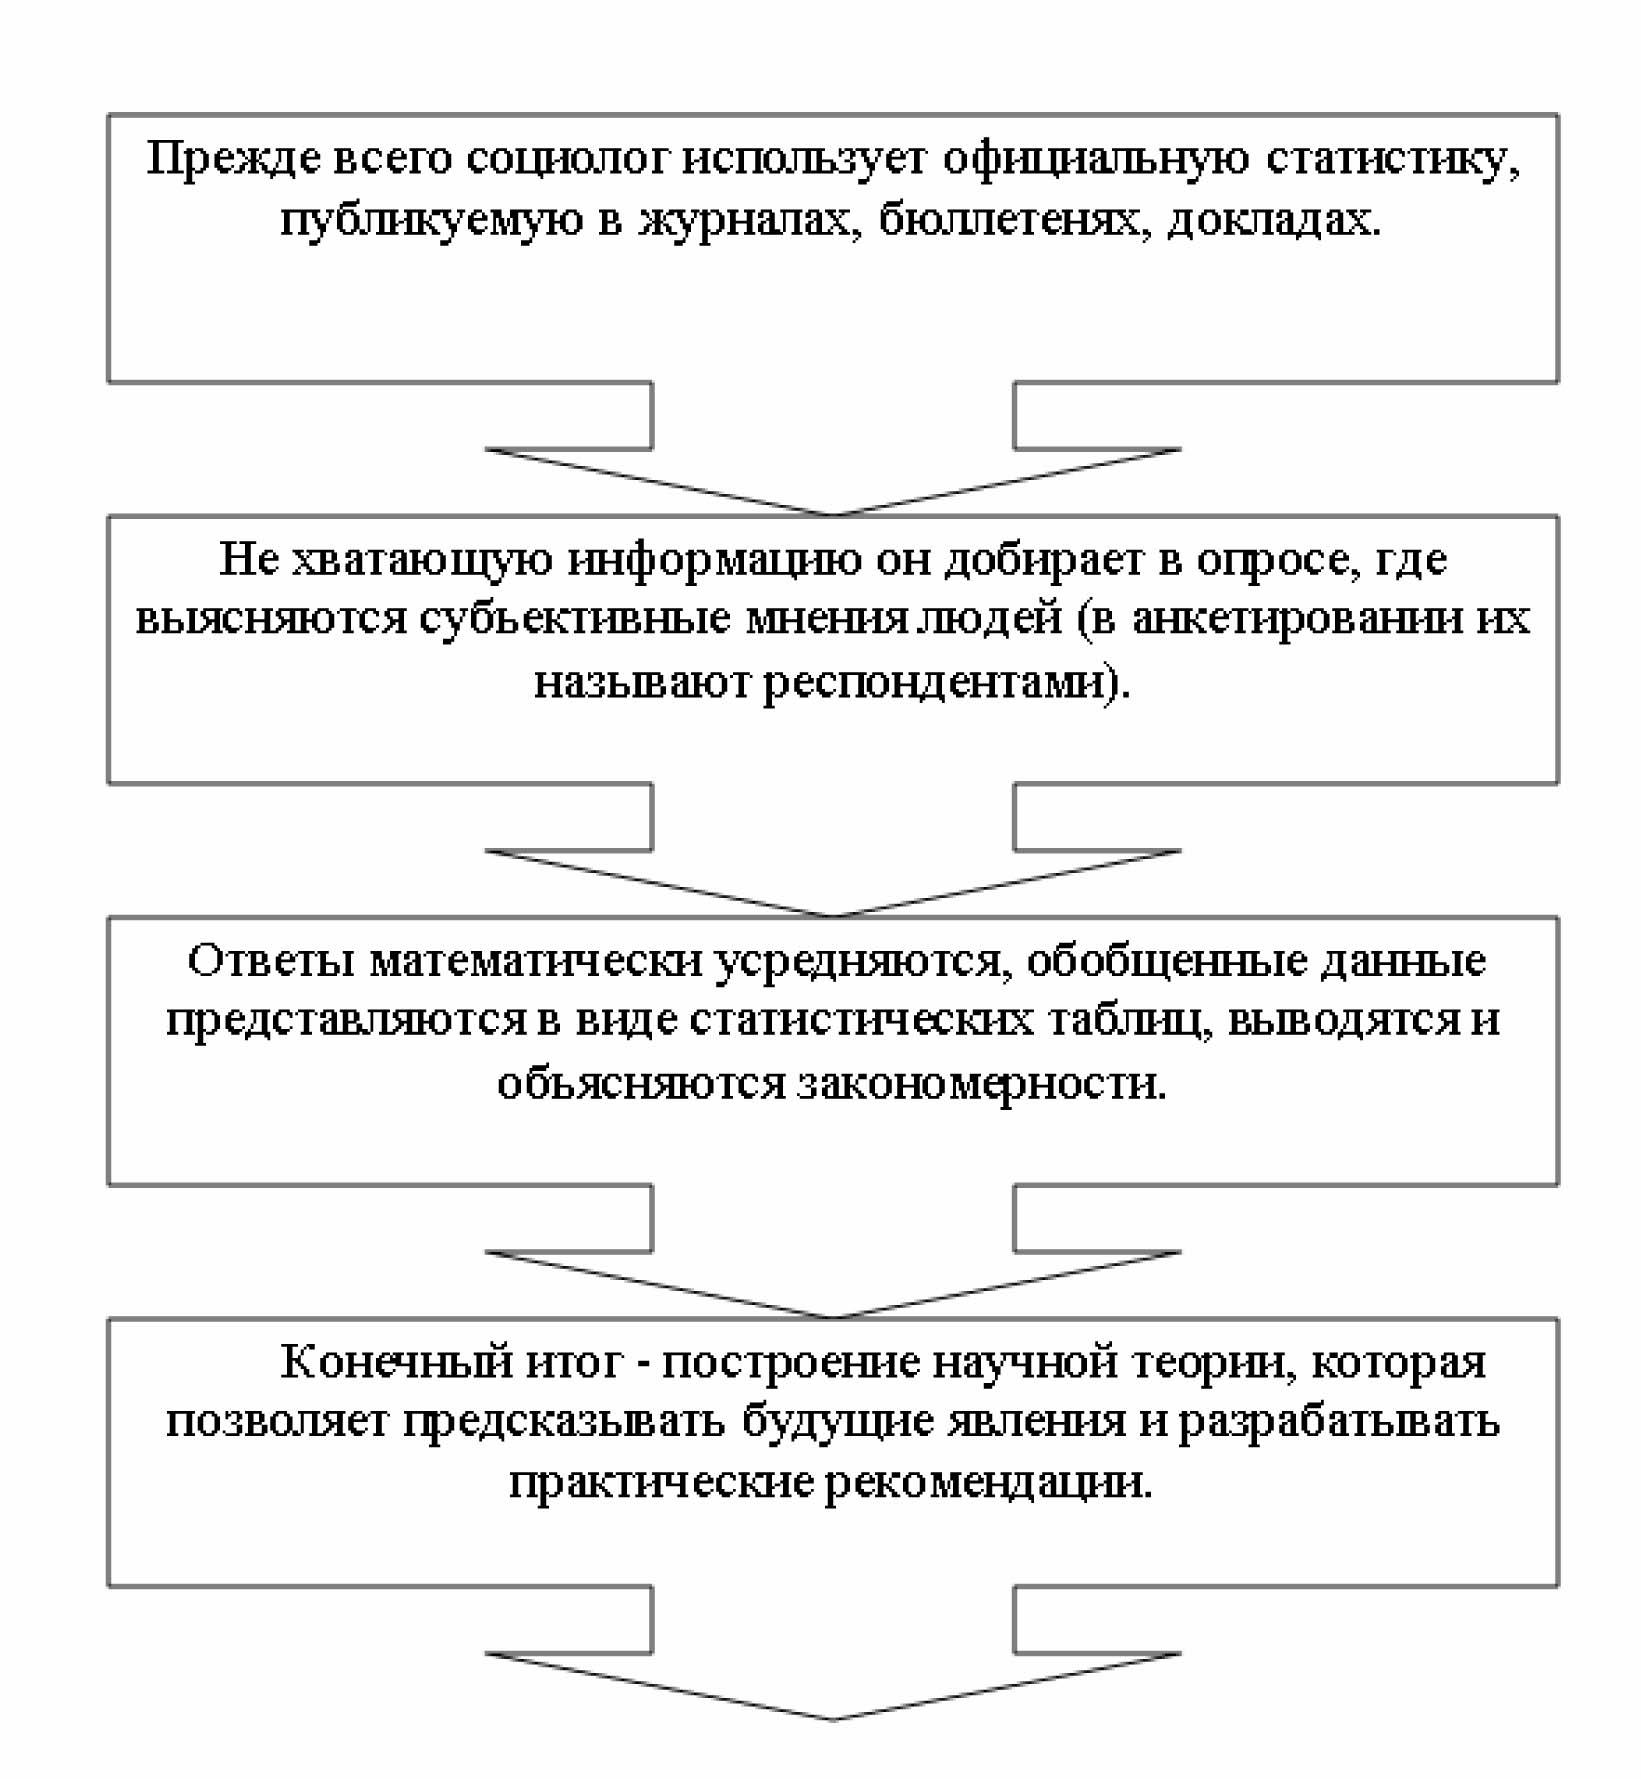 Программа эмпирического исследования Энциклопедия Фонд знаний  Стратегия эмпирического исследования определяется программой которая включает теоретико методологическую часть формулировку и обоснование проблемы